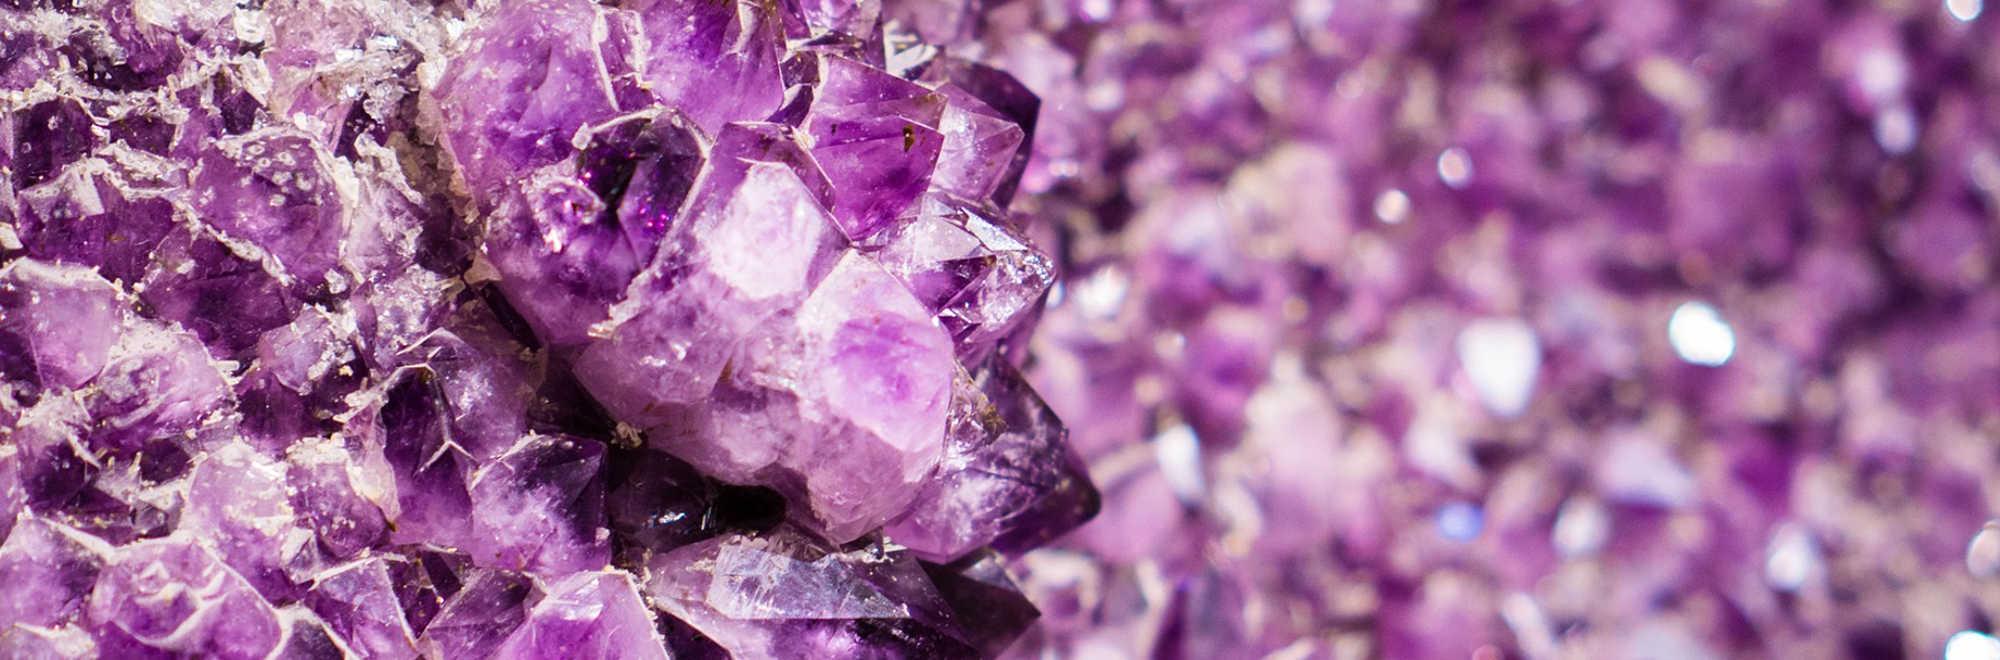 Mineralien, Abbildung eines Edelsteins